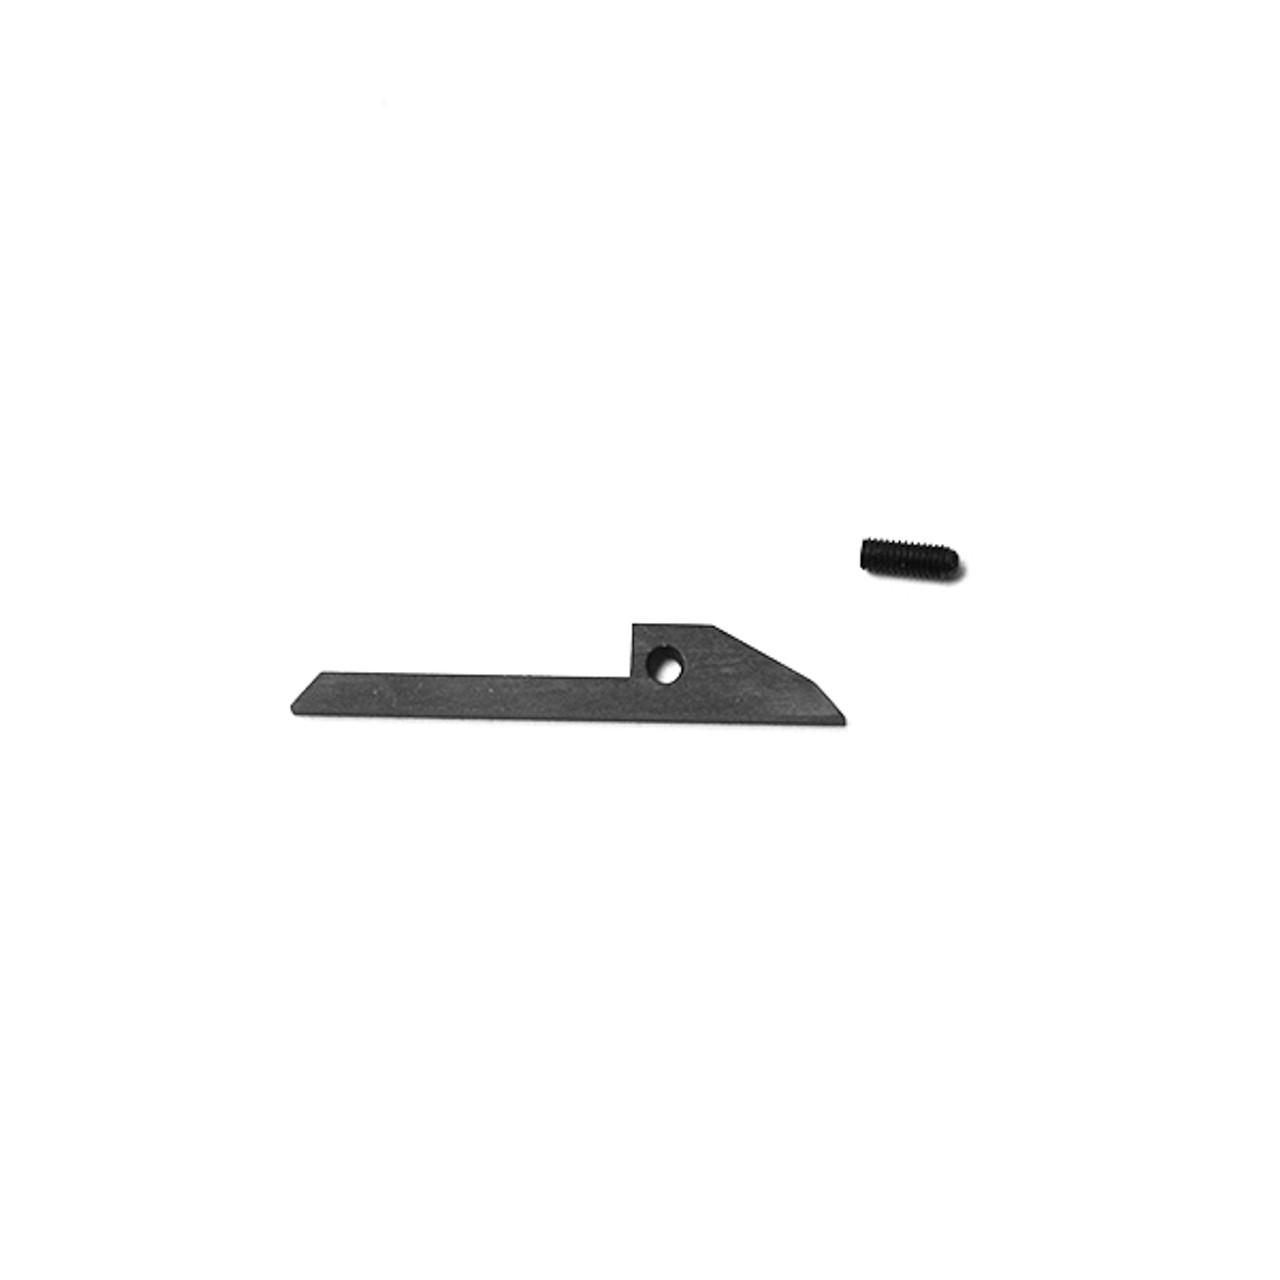 Tandemkross - MKIII (22/45) LCI Replacement Insert